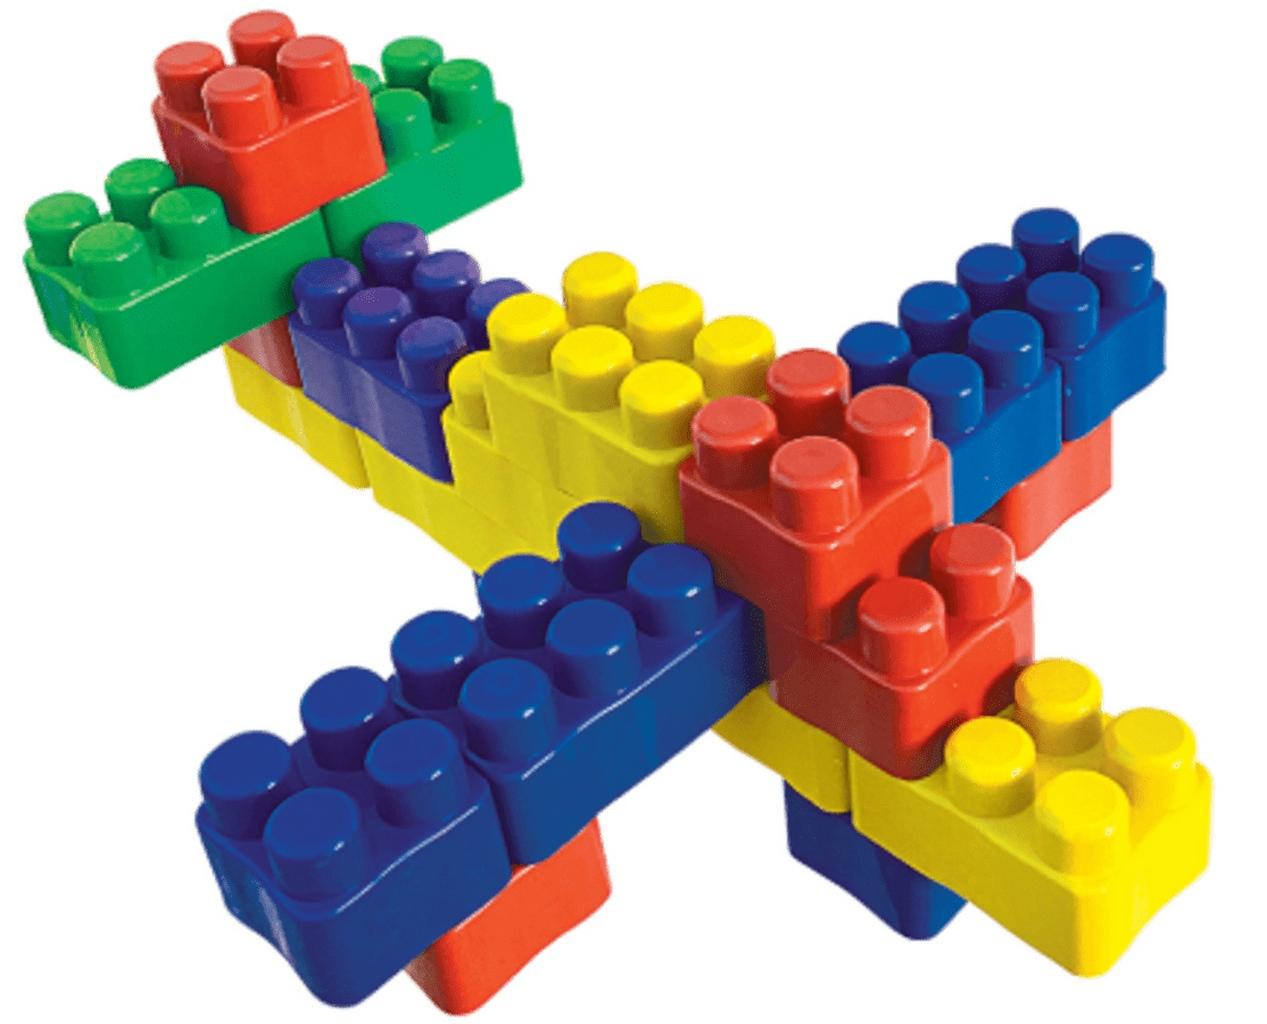 Brinquedo Infantil Blocos De Montar 1250 Peças  Bolas De Sabão Menino Menina Bloc Slim Colorido Coordenação Motora Luctoys Novo